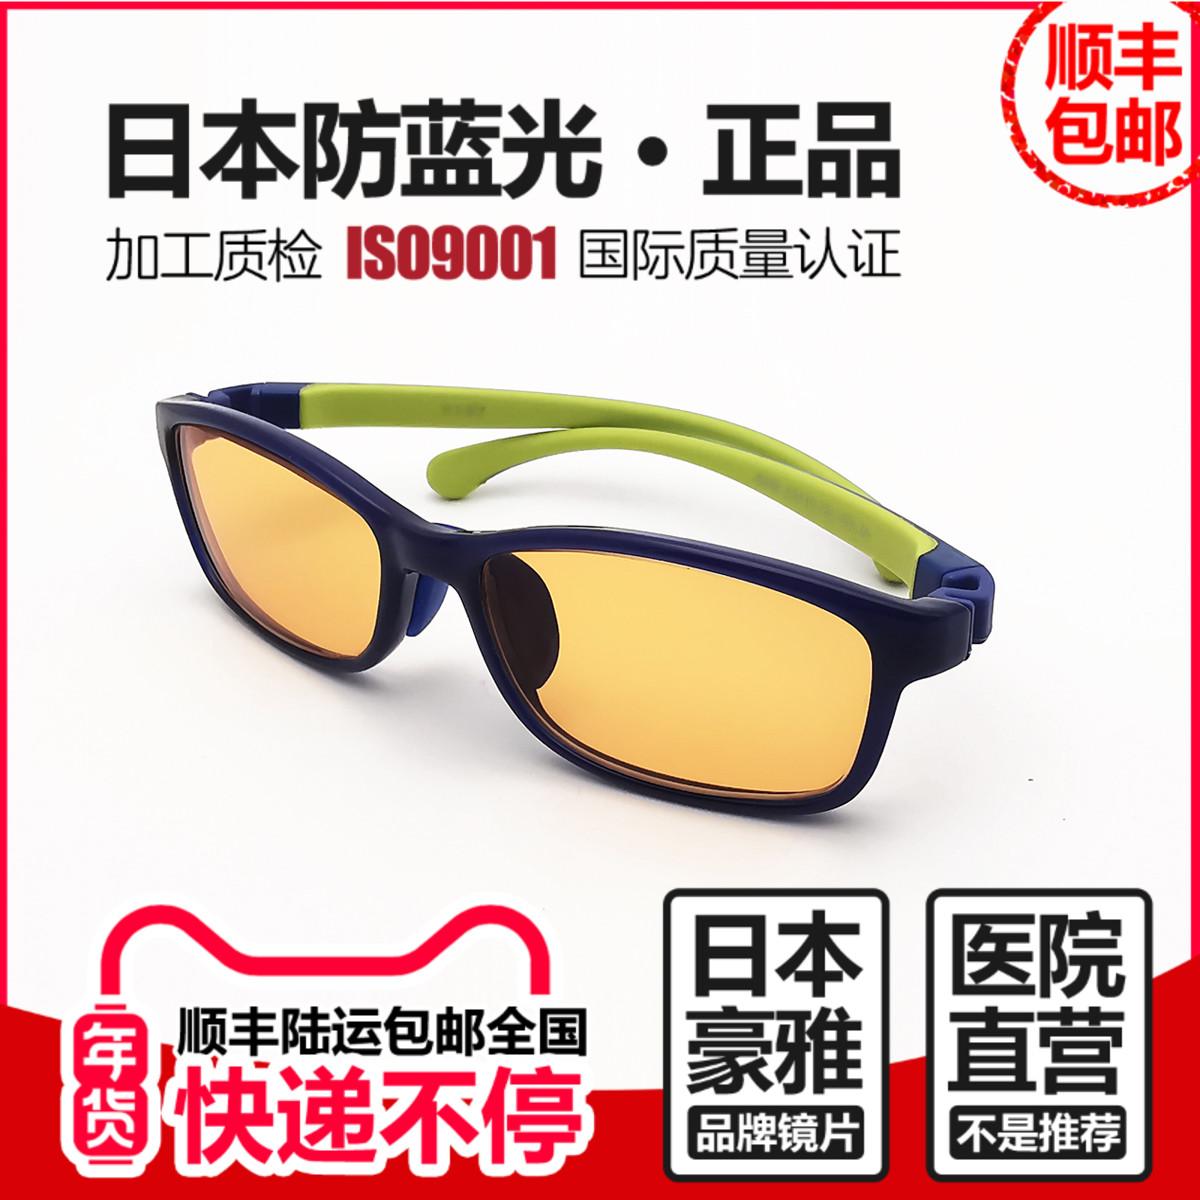 青少年男孩防蓝光防紫外线辐射护目镜电脑手机电视专用护眼镜超轻